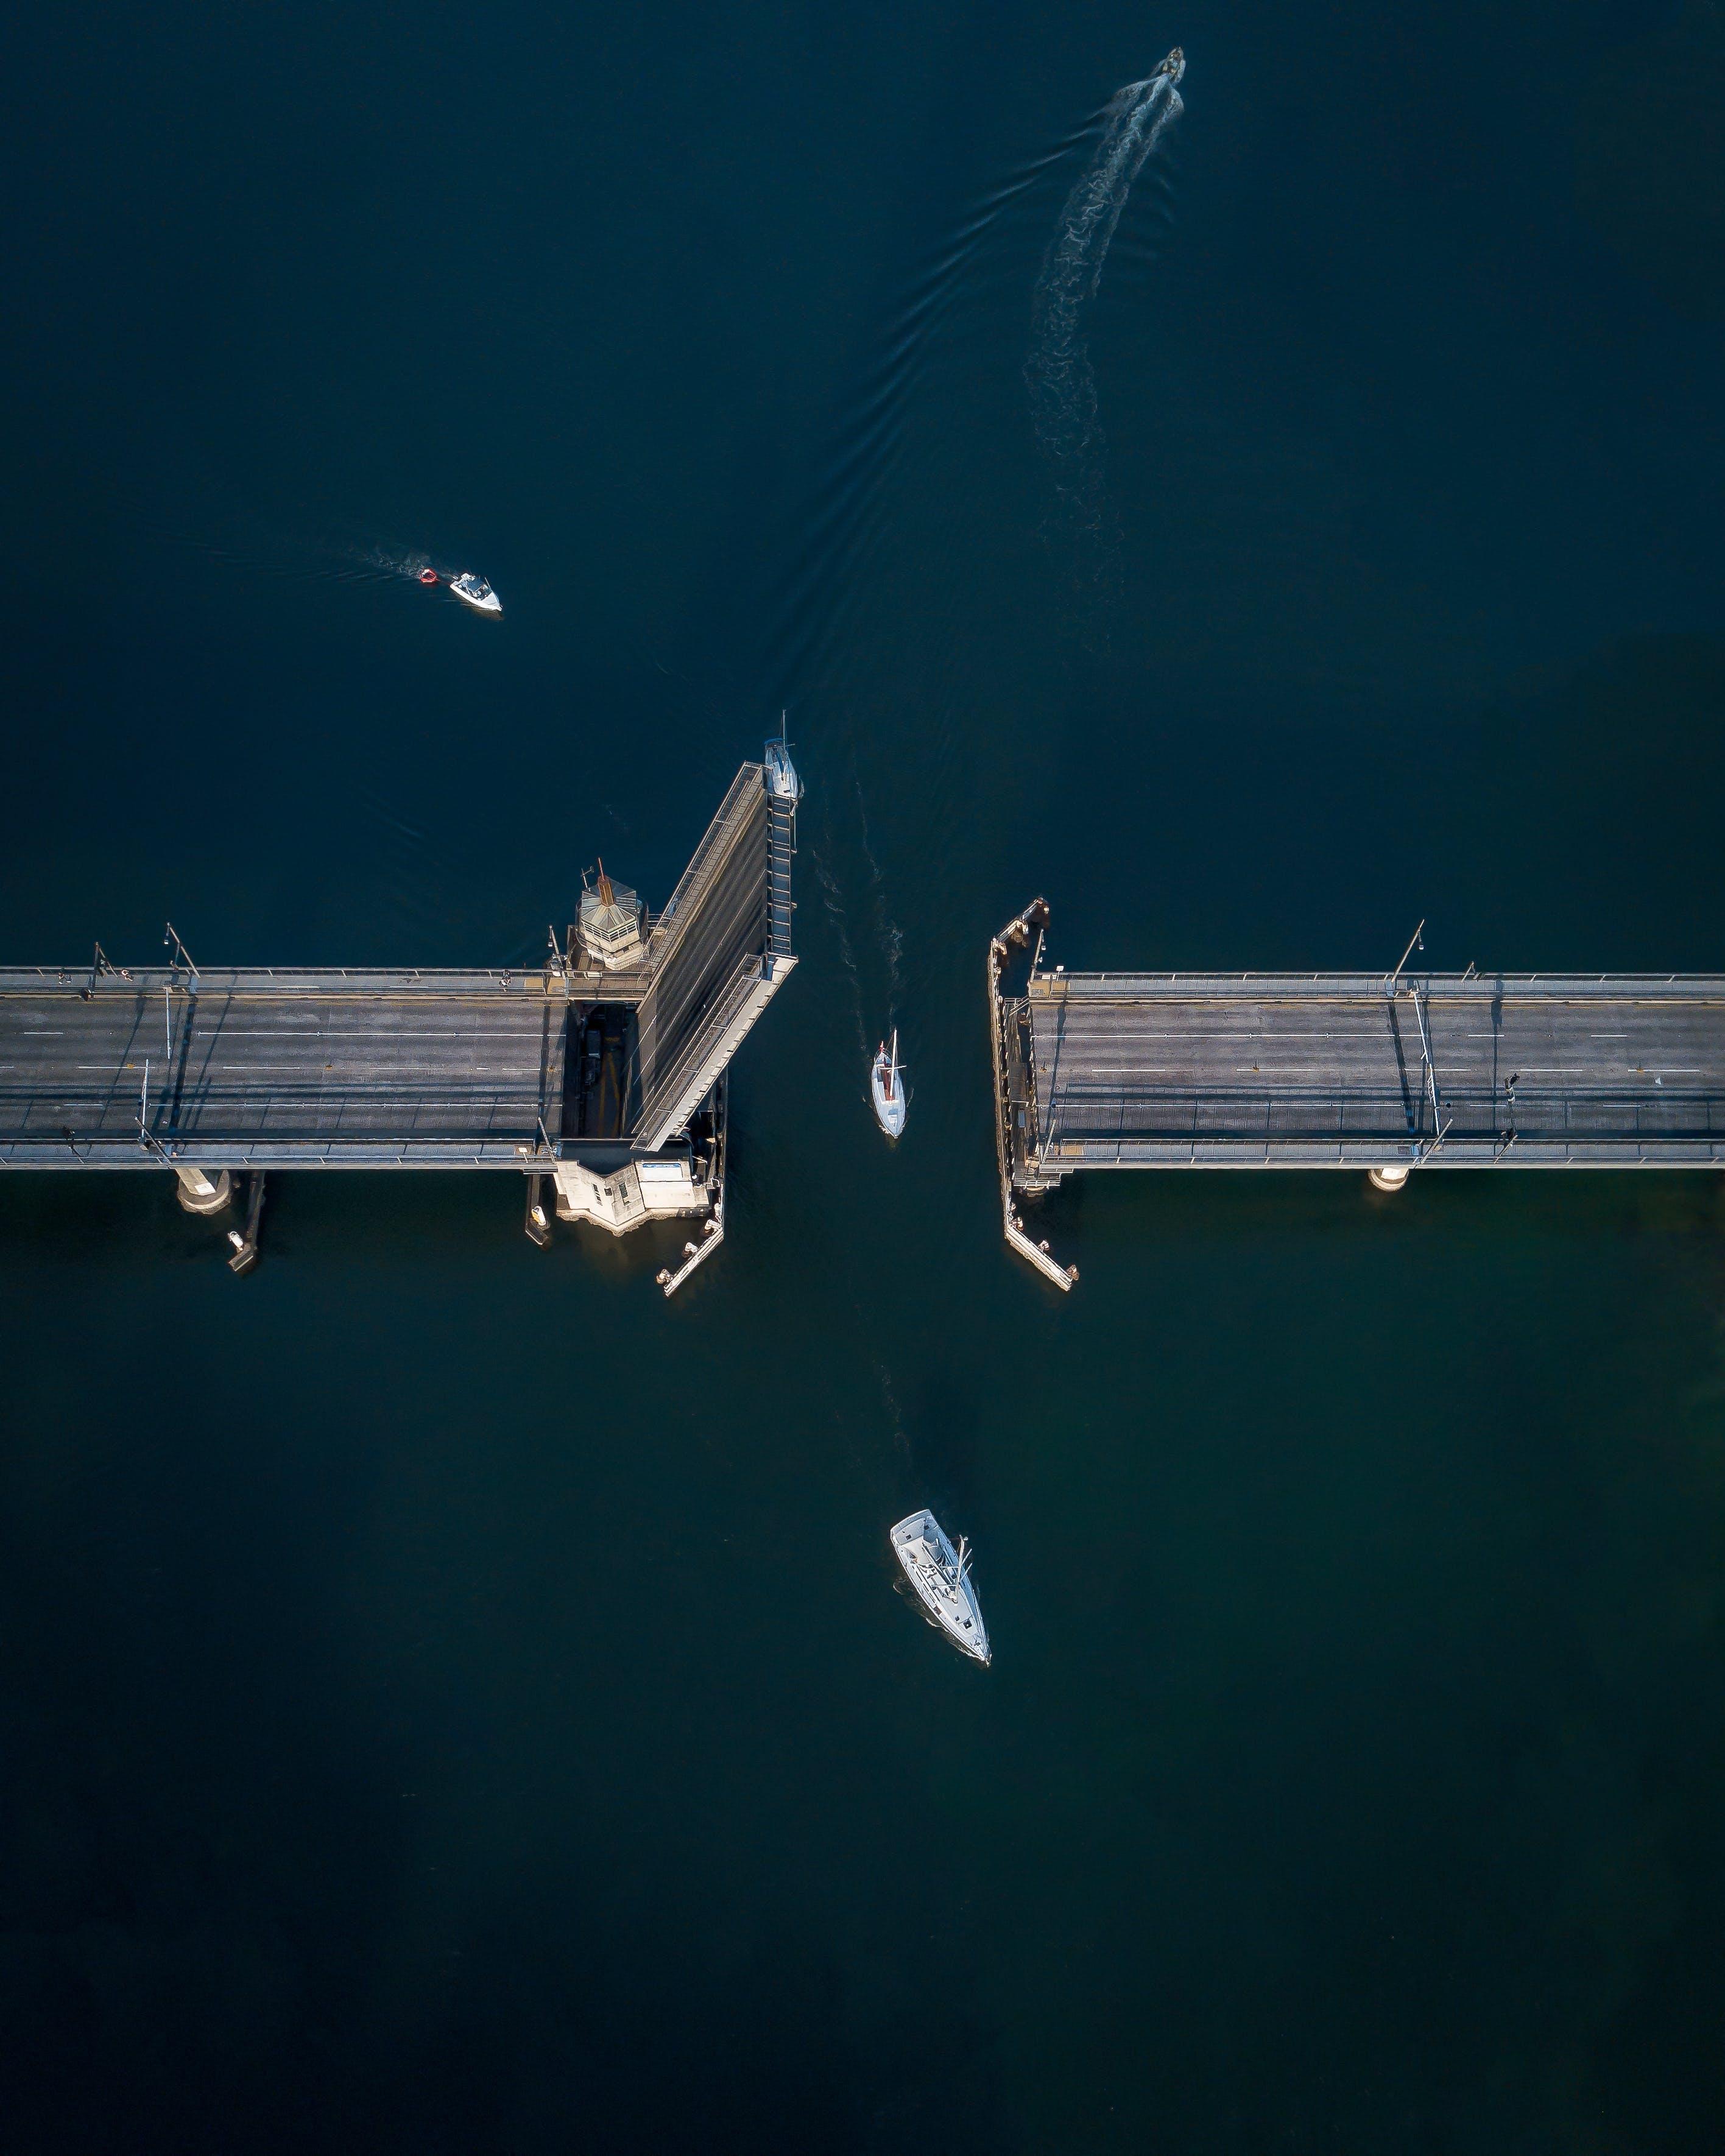 Ảnh lưu trữ miễn phí về ánh sáng ban ngày, cầu, cơ thể của nước, Công nghệ